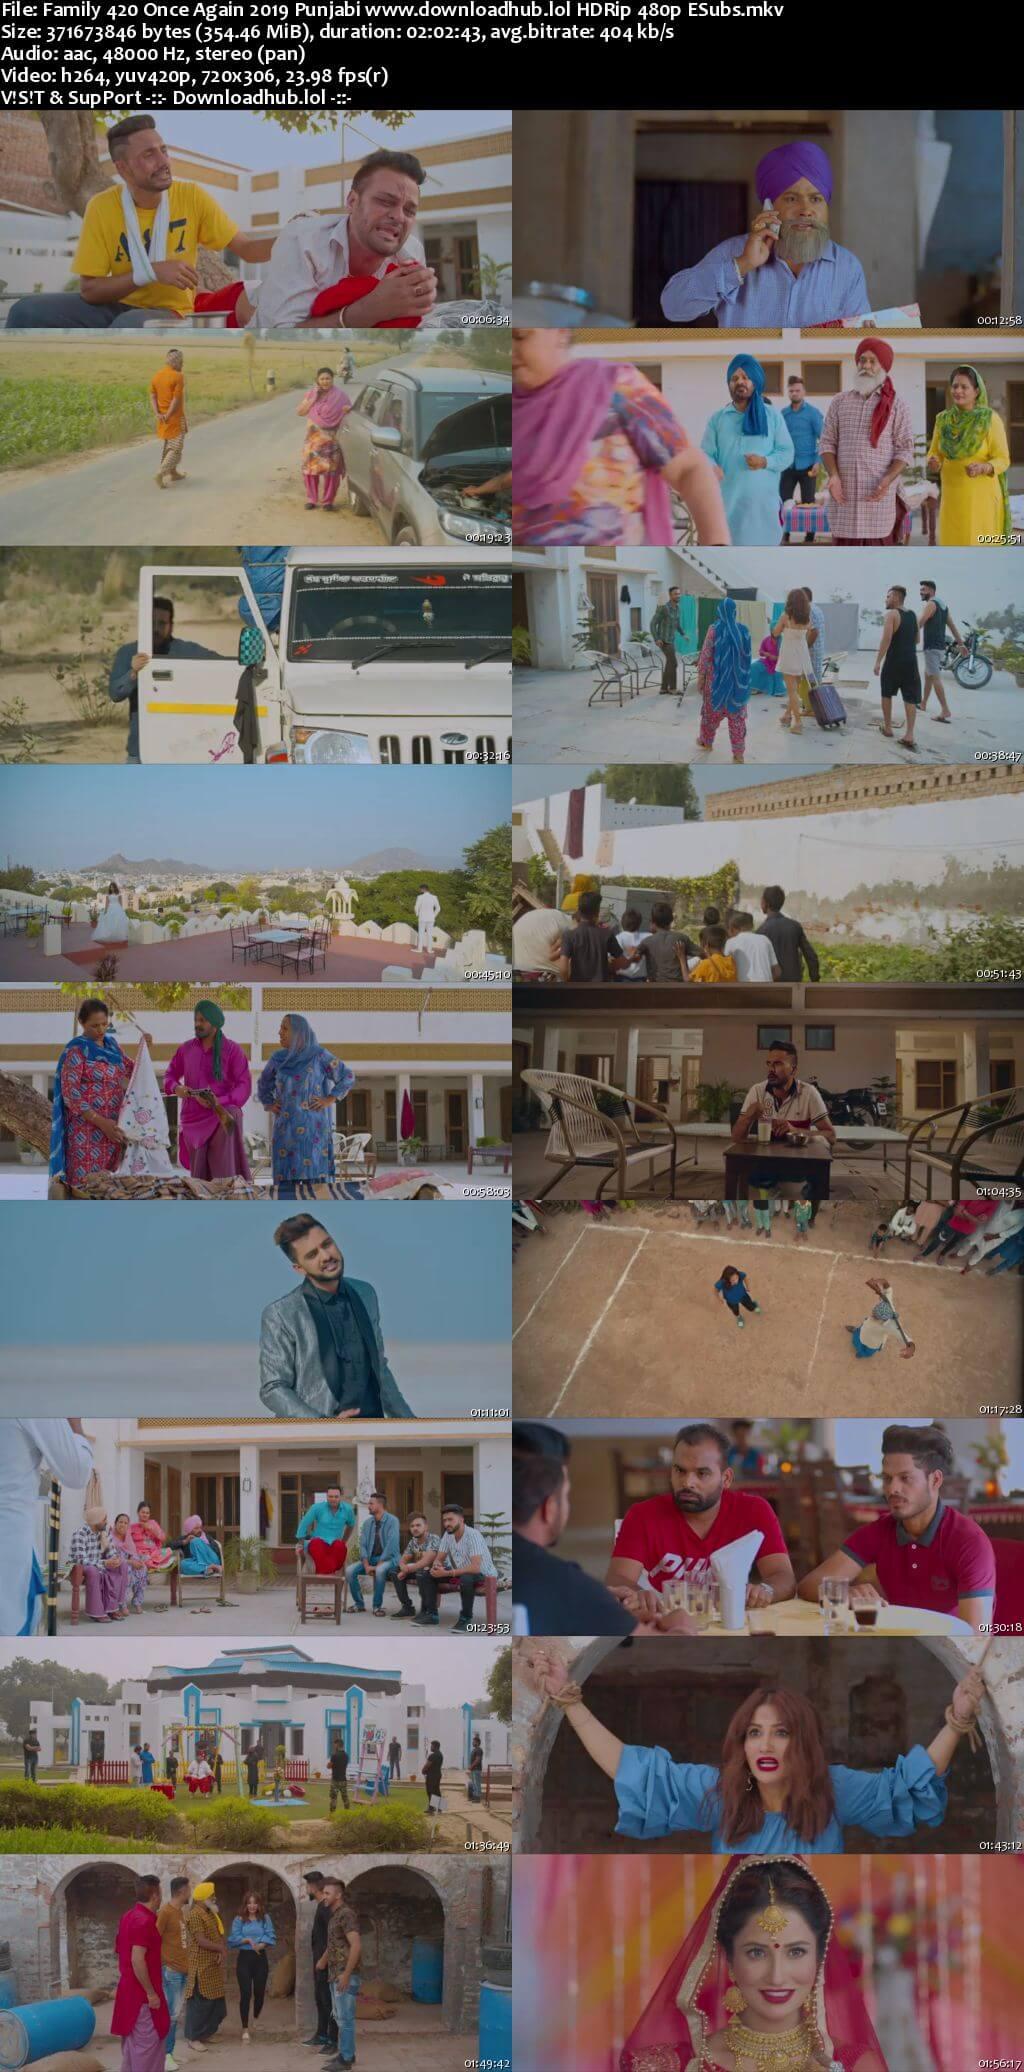 Family 420 Once Again 2019 Punjabi 350MB HDRip 480p ESubs